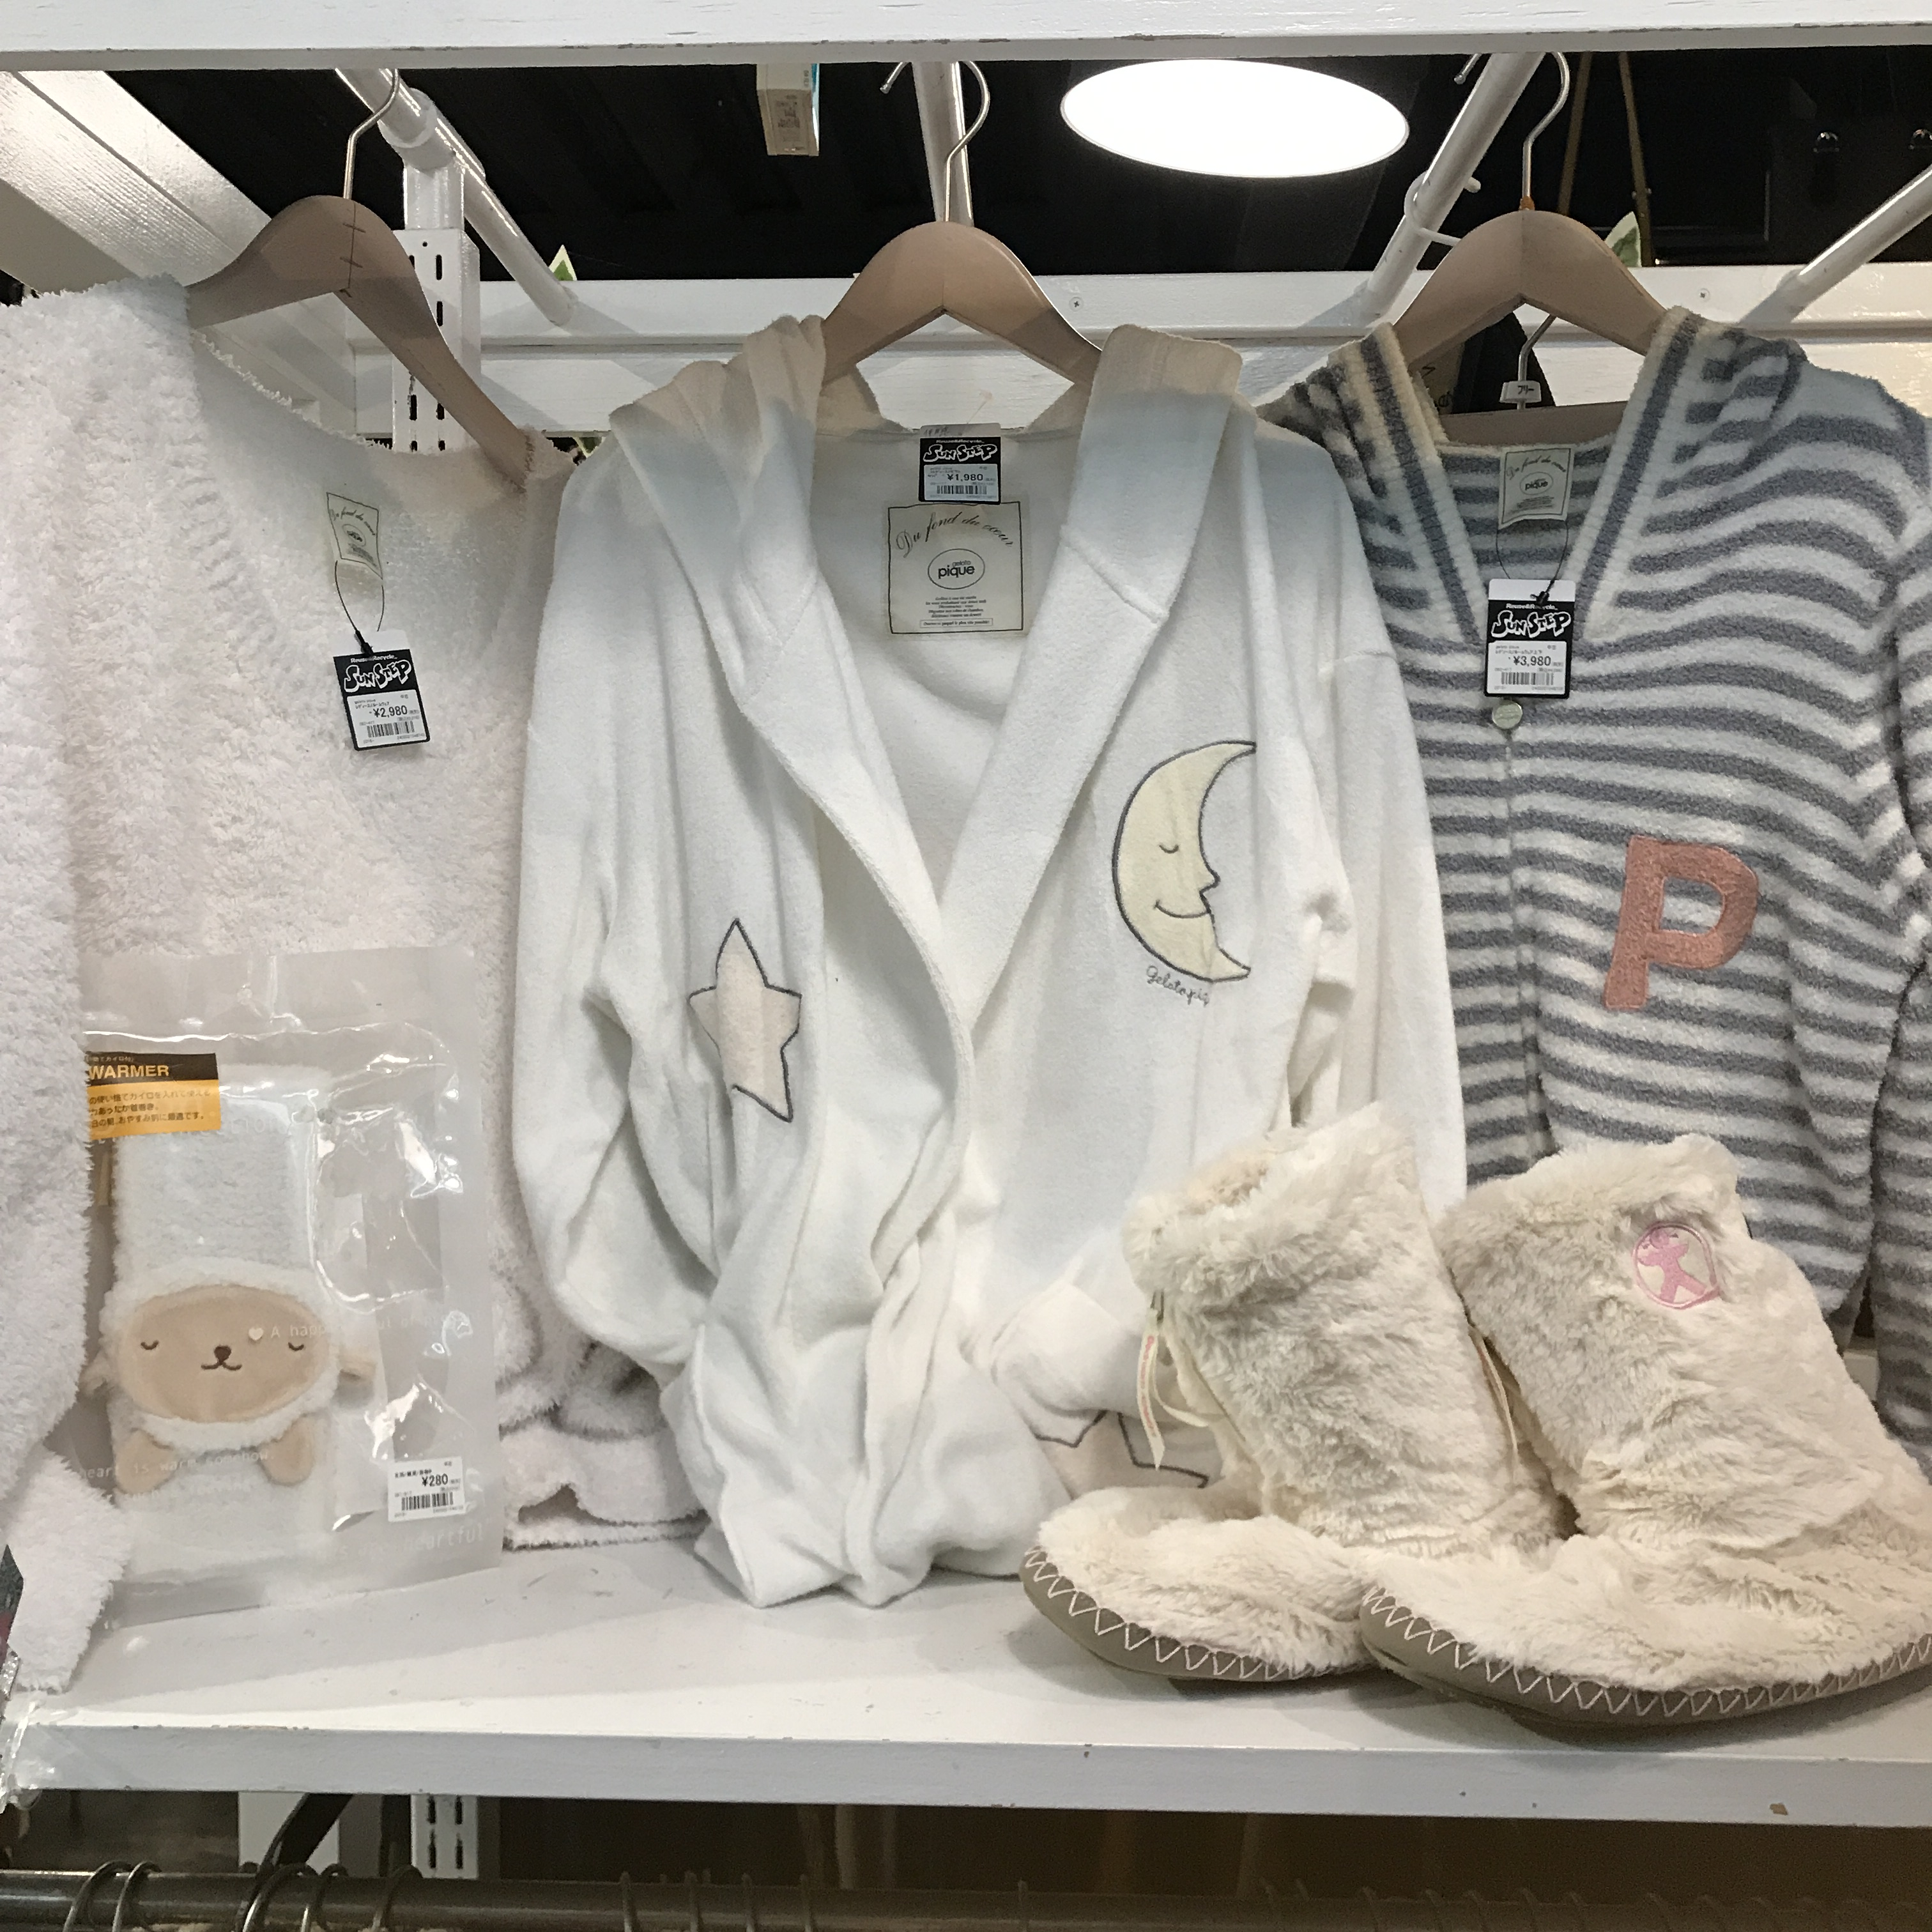 サンステップ南店 古着 リサイクル 福井 ブランド衣料 周年祭 ルームウェア